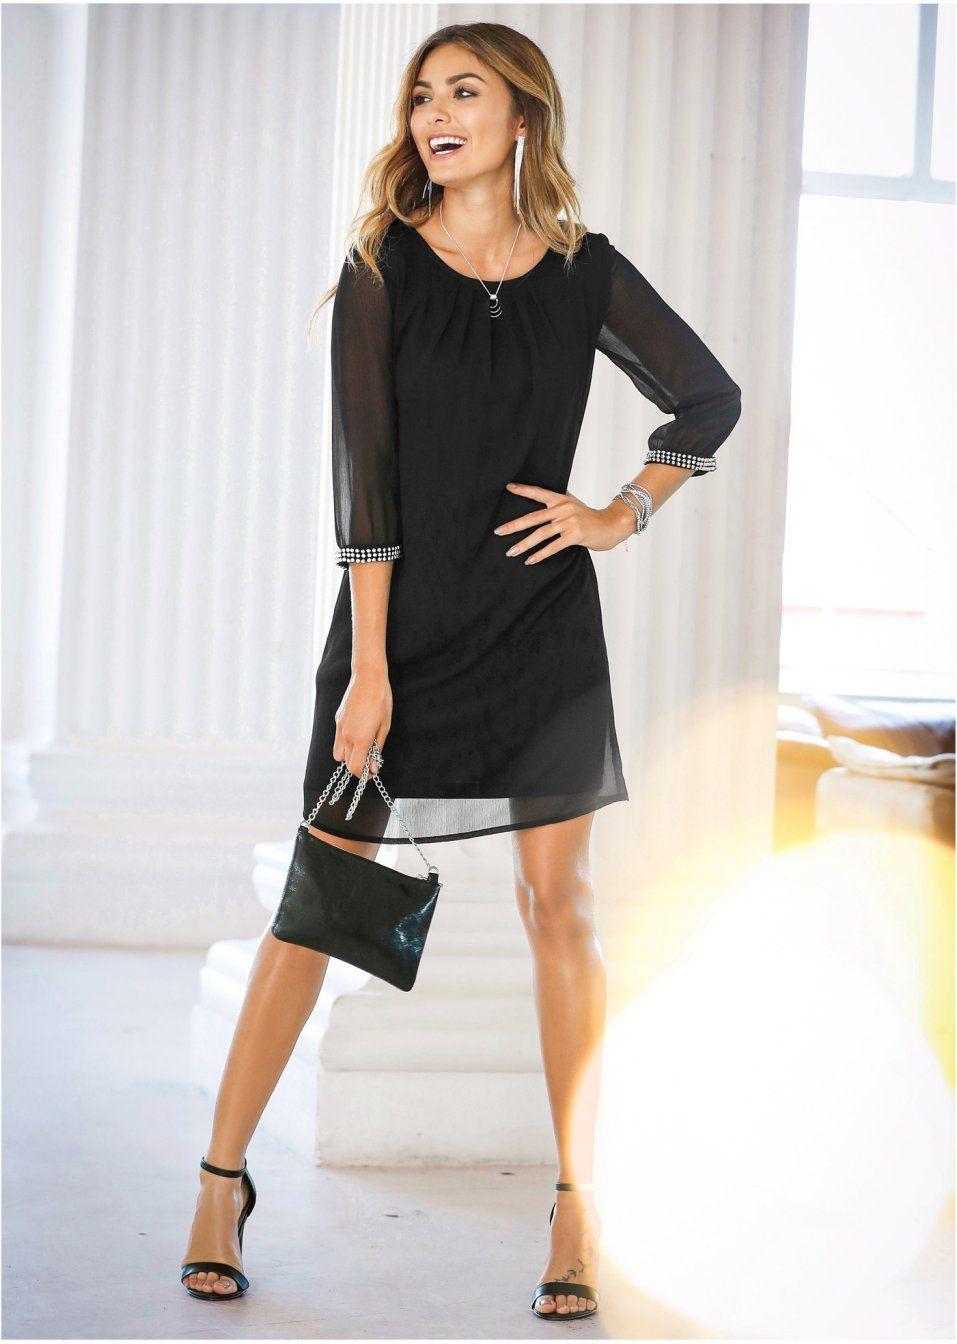 Chiffon-Kleid  Chiffon kleid, Modestil, Kleider